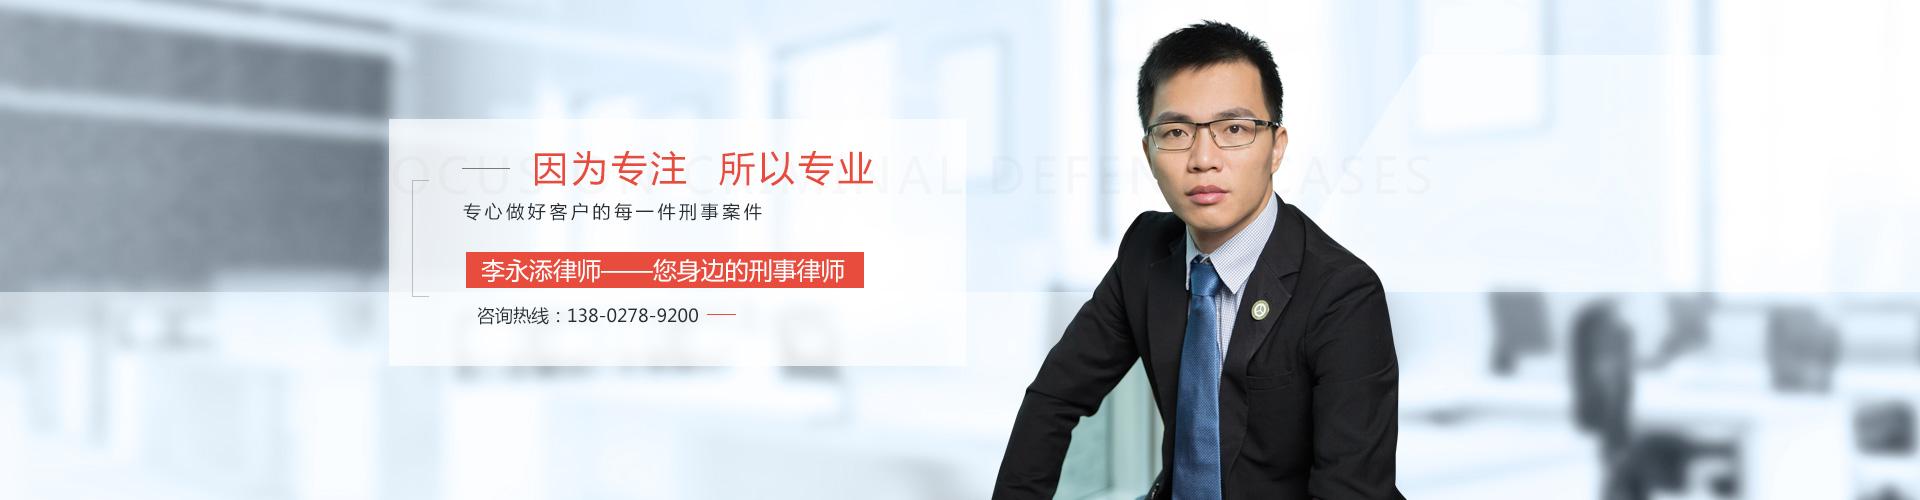 广东李永添律师